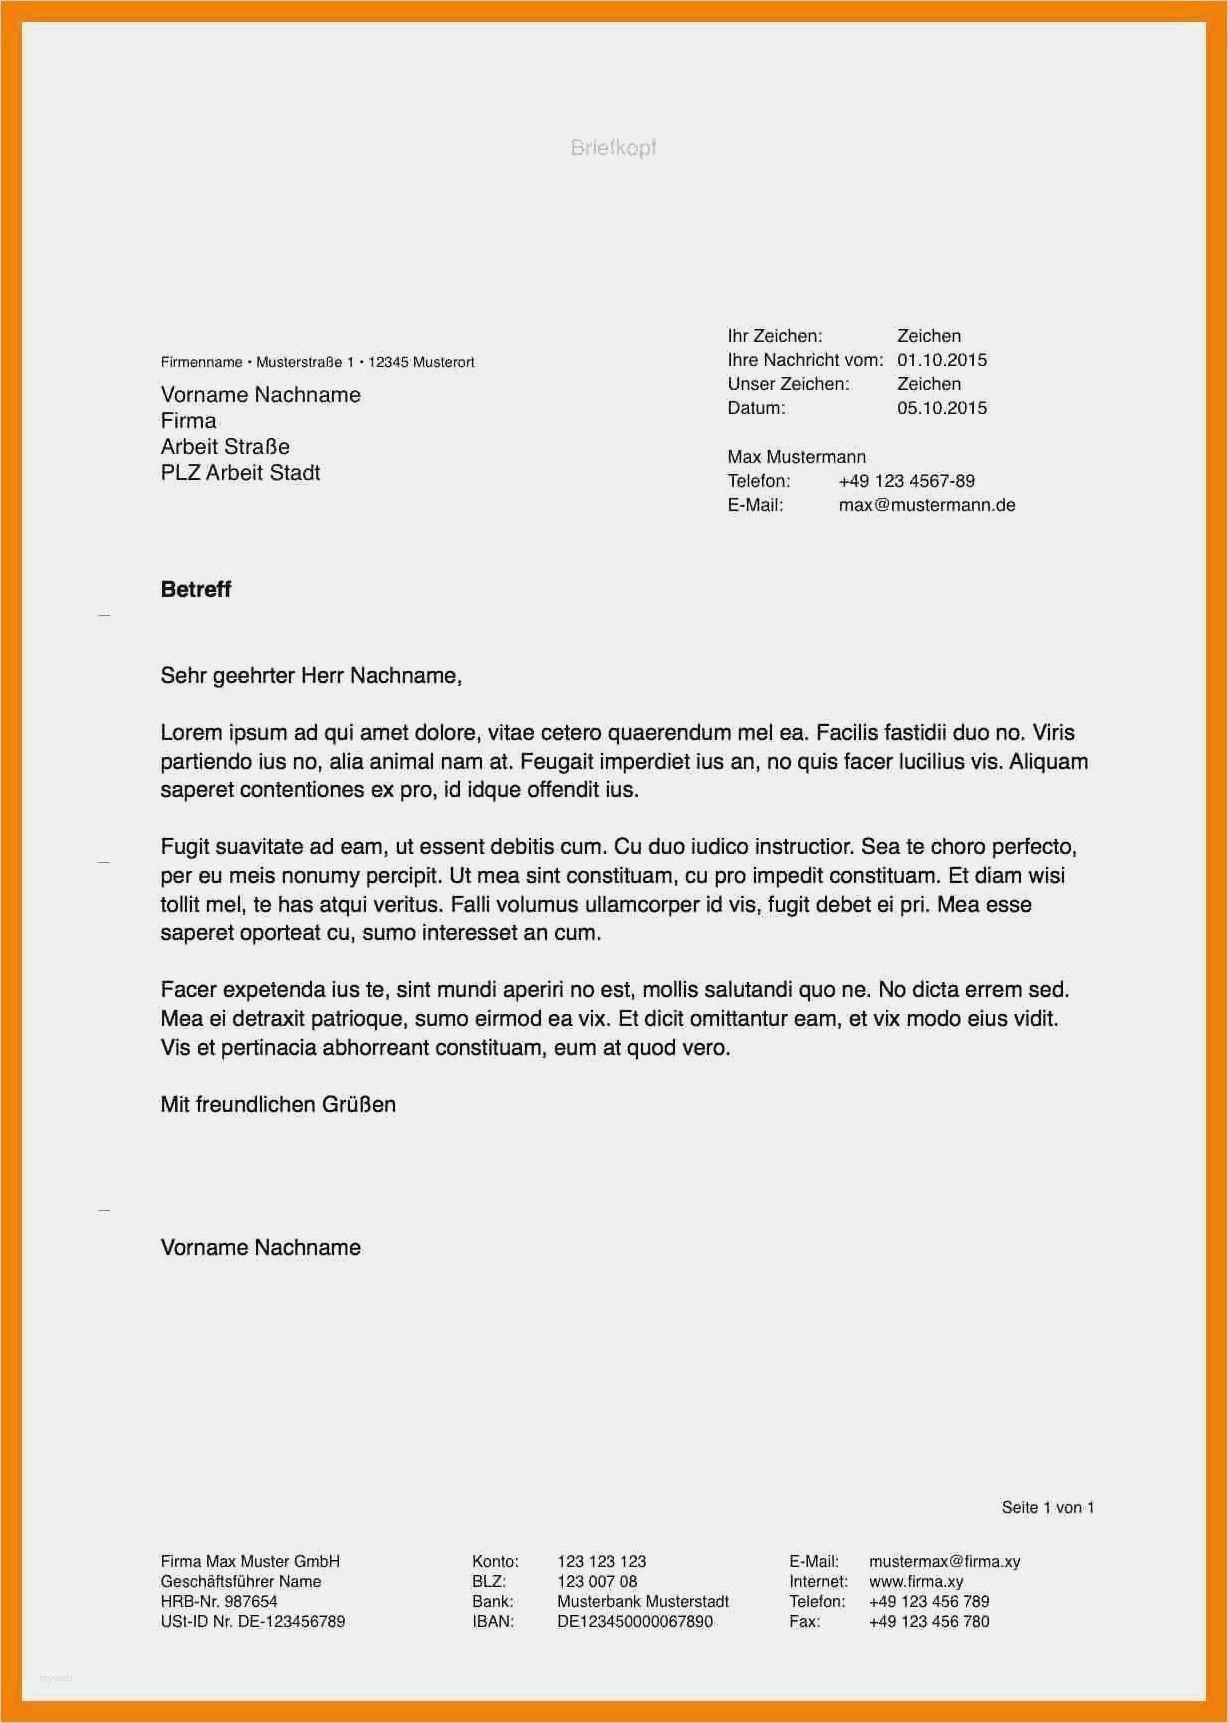 Frisch Private Briefvorlage Word Briefprobe Briefformat Briefvorlage Briefvorlagen Briefkopf Vorlage Vorlagen Word